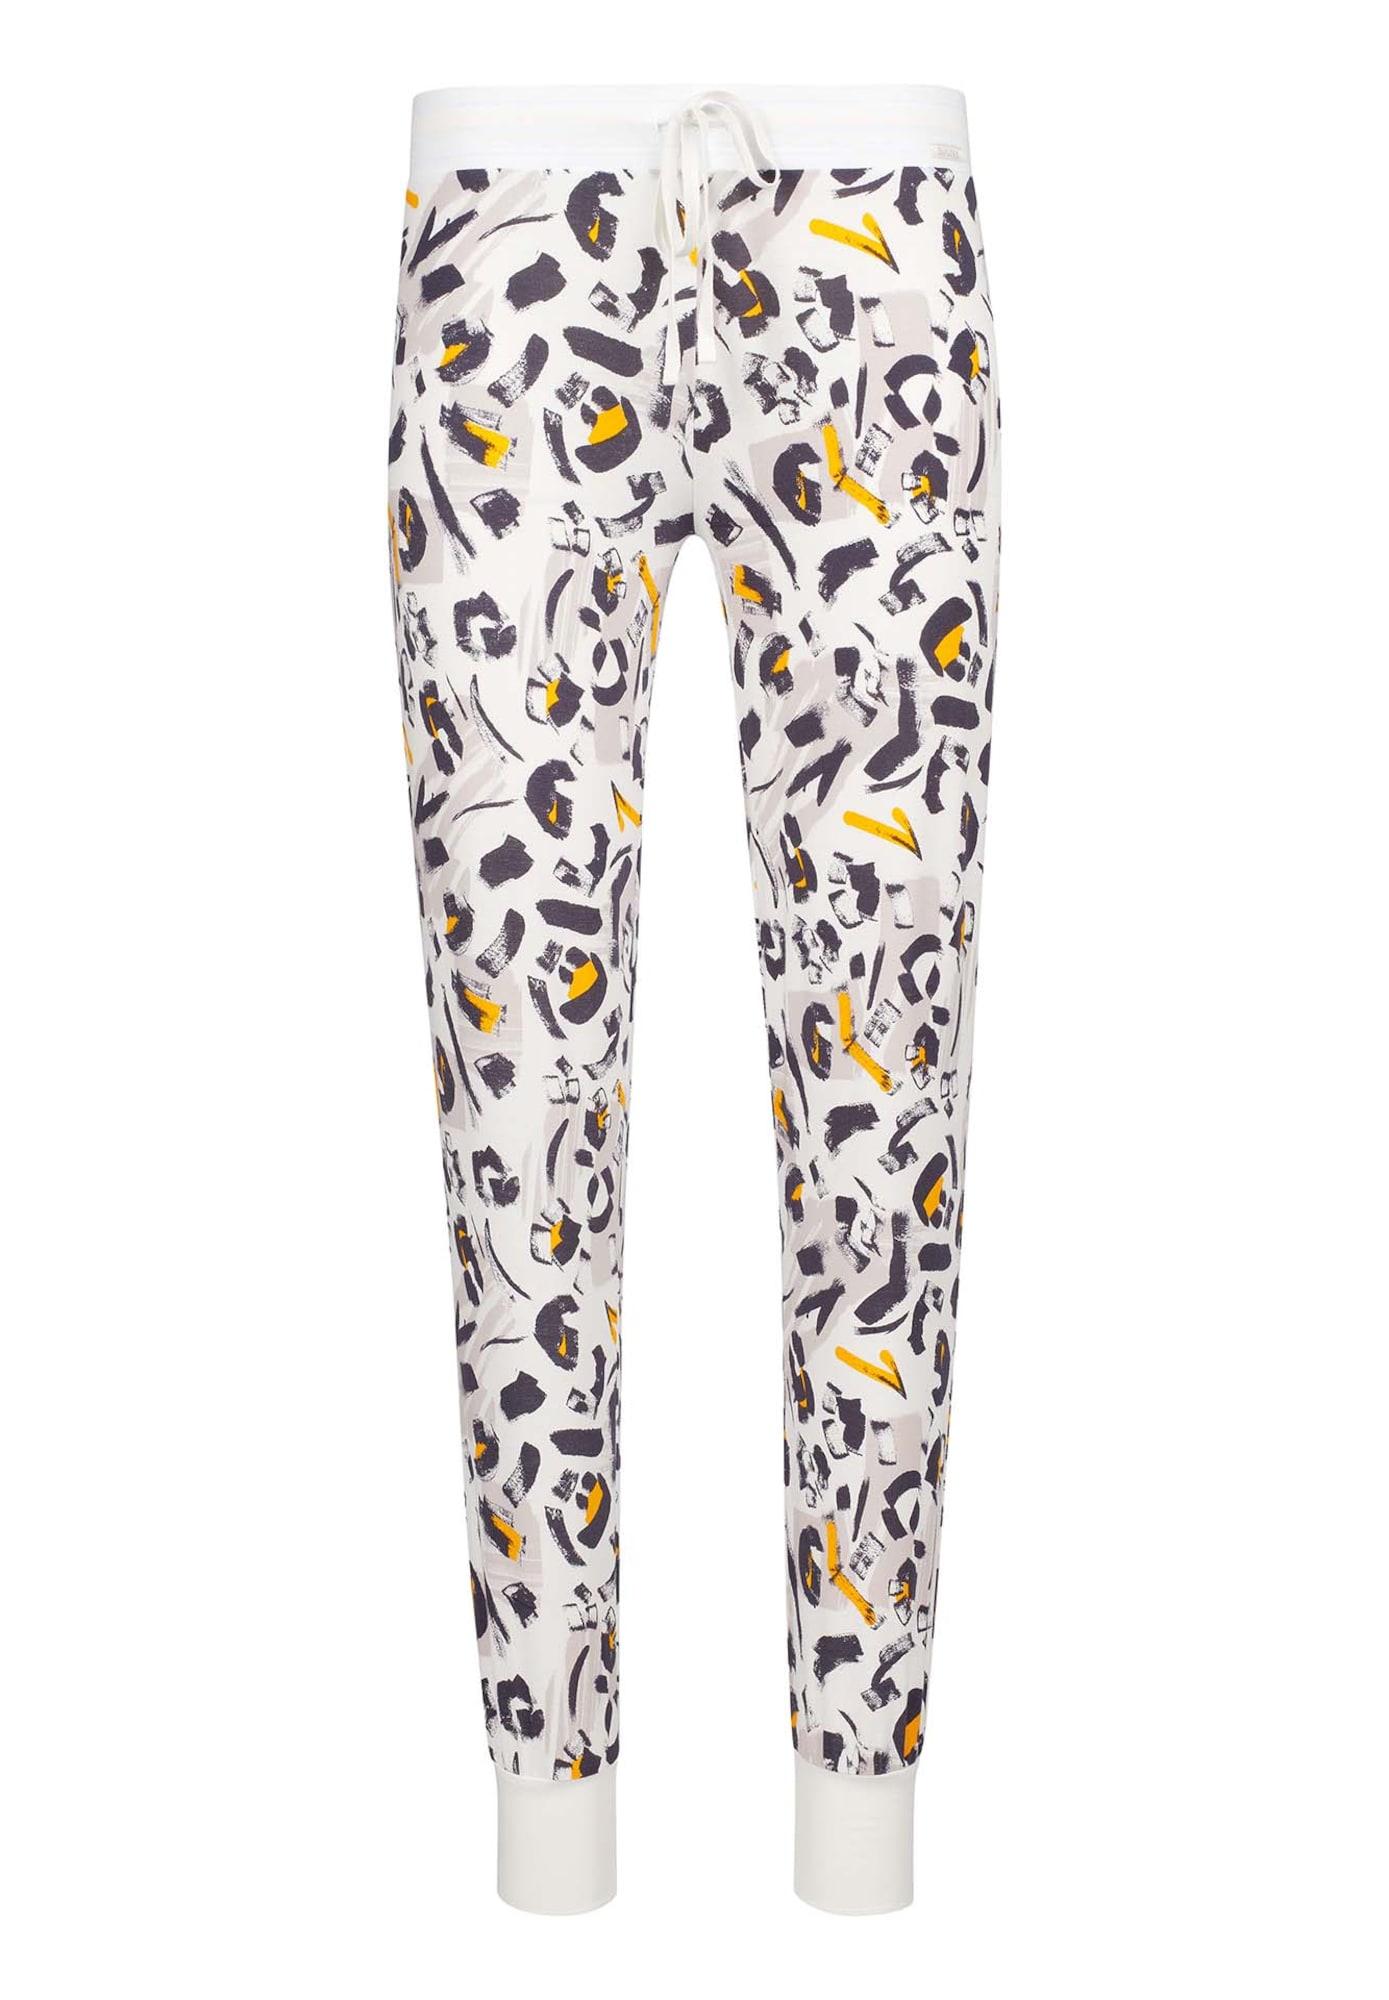 Skiny Pižaminės kelnės 'Earth Sleep' balta / mišrios spalvos